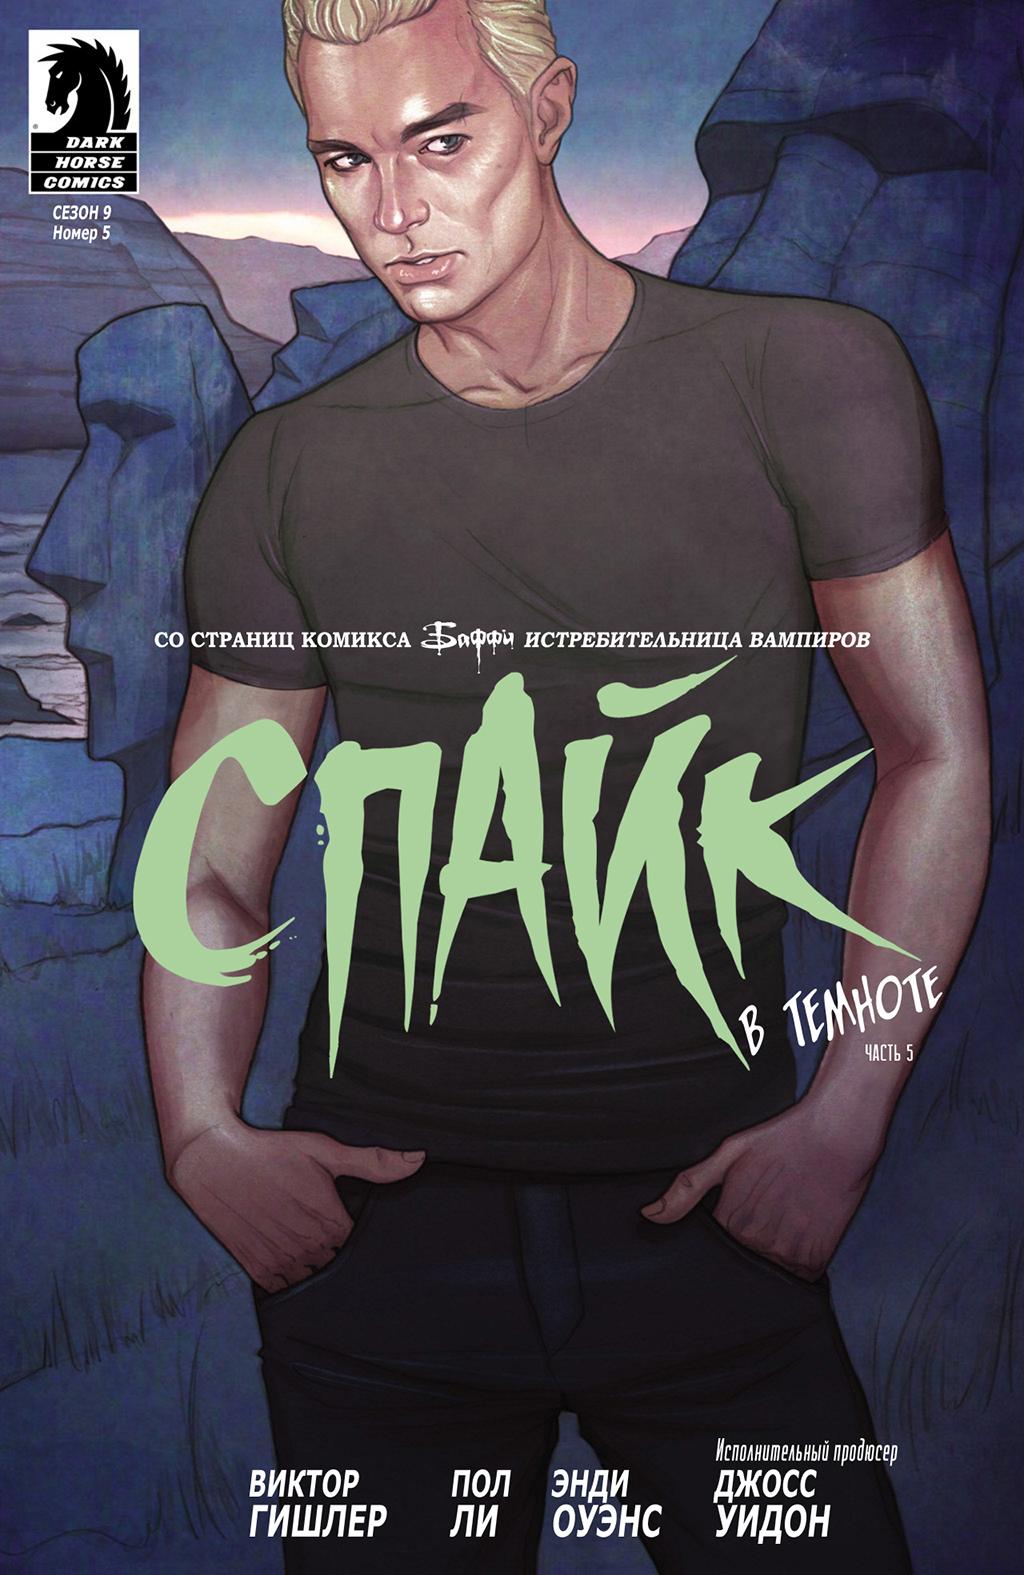 Комикс Спайк - В темноте